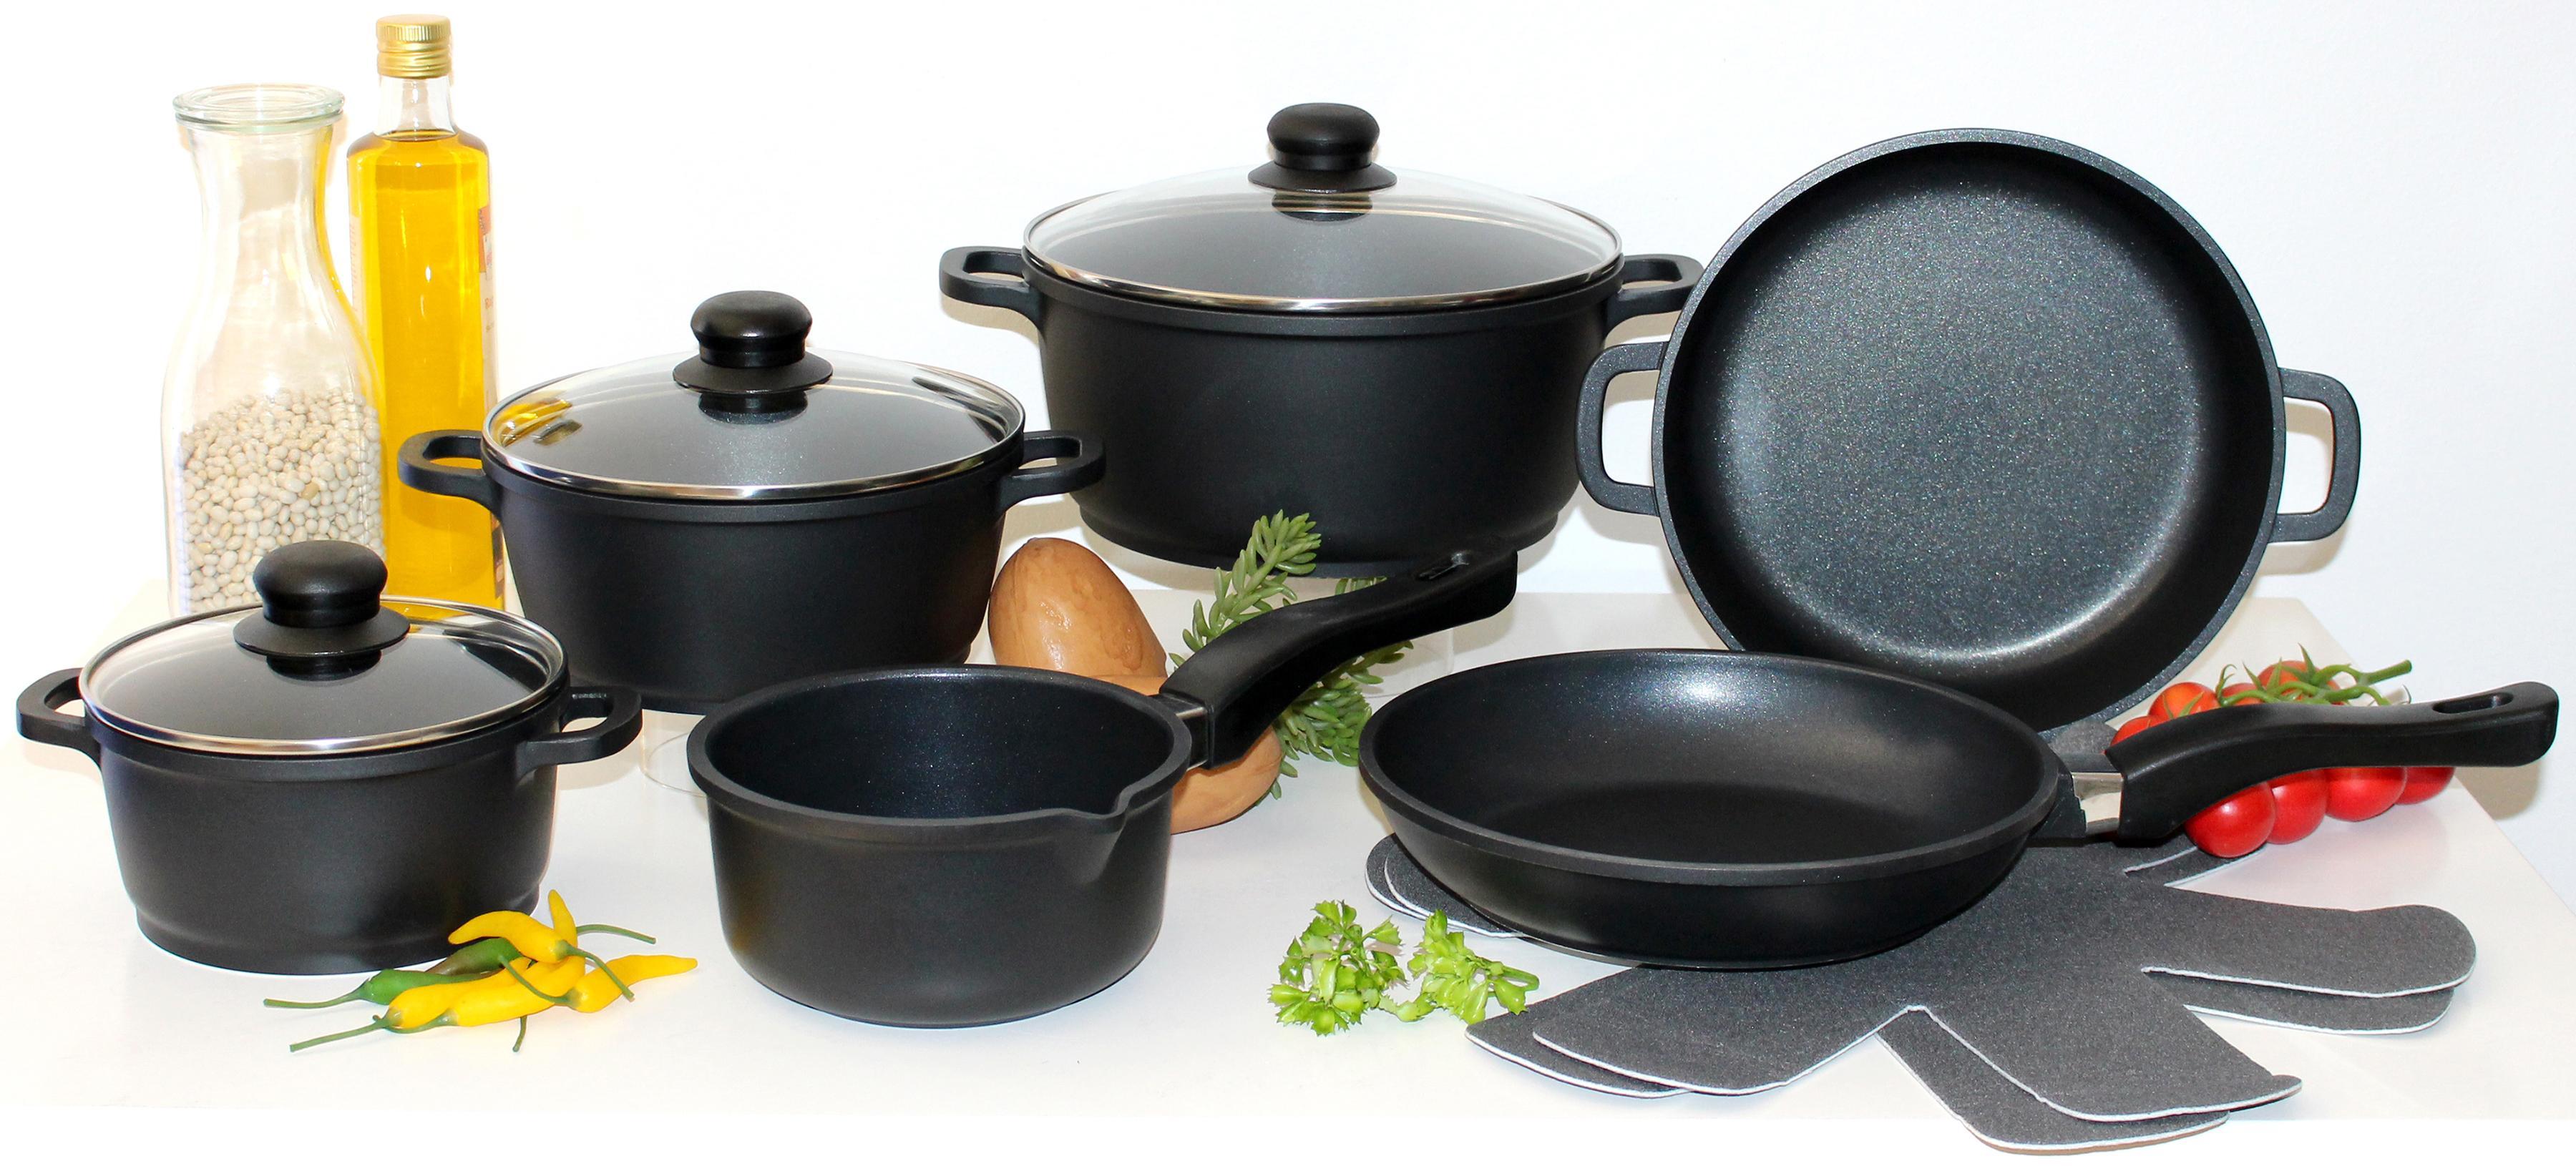 Elo - Meine Küche Topf-Set (Set 10-tlg 4 Töpfe 3 Deckel 2 Pfannen 1 Paar Pfannenschoner) Wohnen/Haushalt/Haushaltswaren/Töpfe/Topfsets